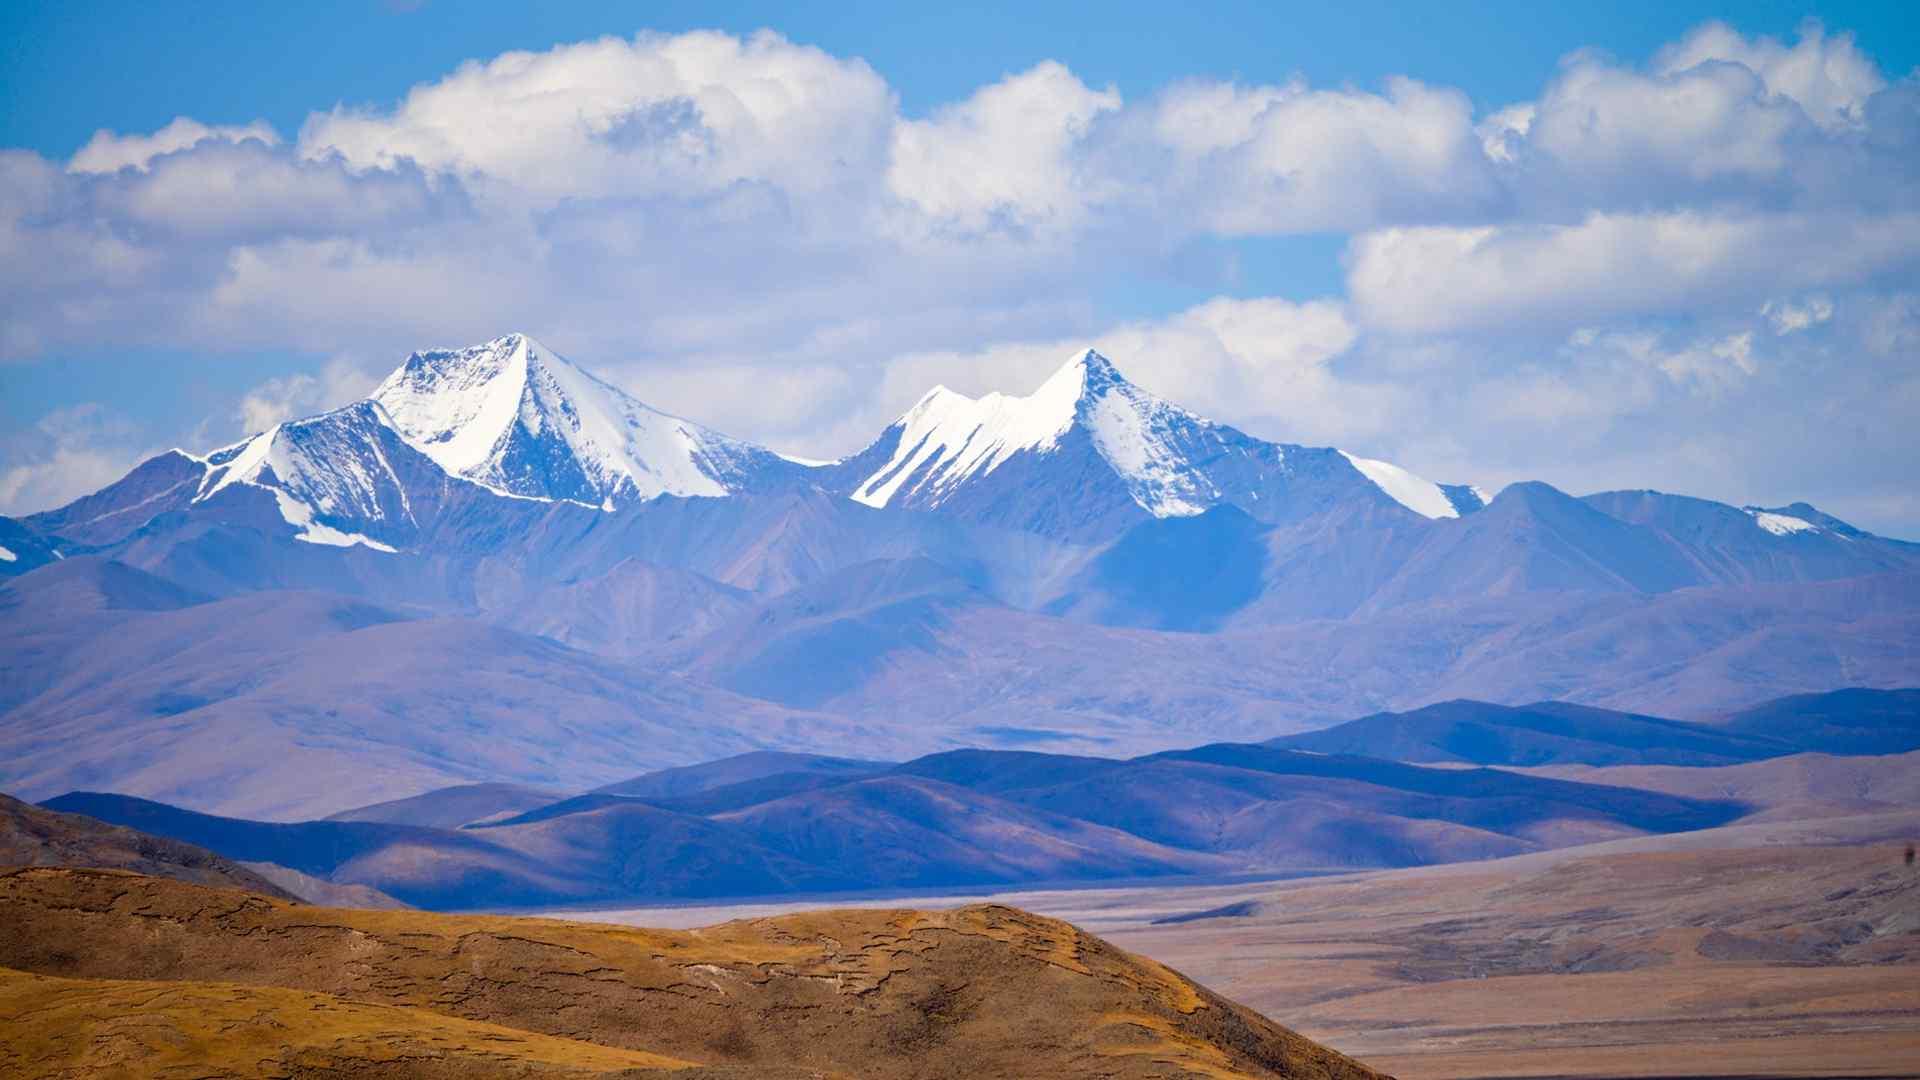 美丽的西藏阿里风景高清壁纸